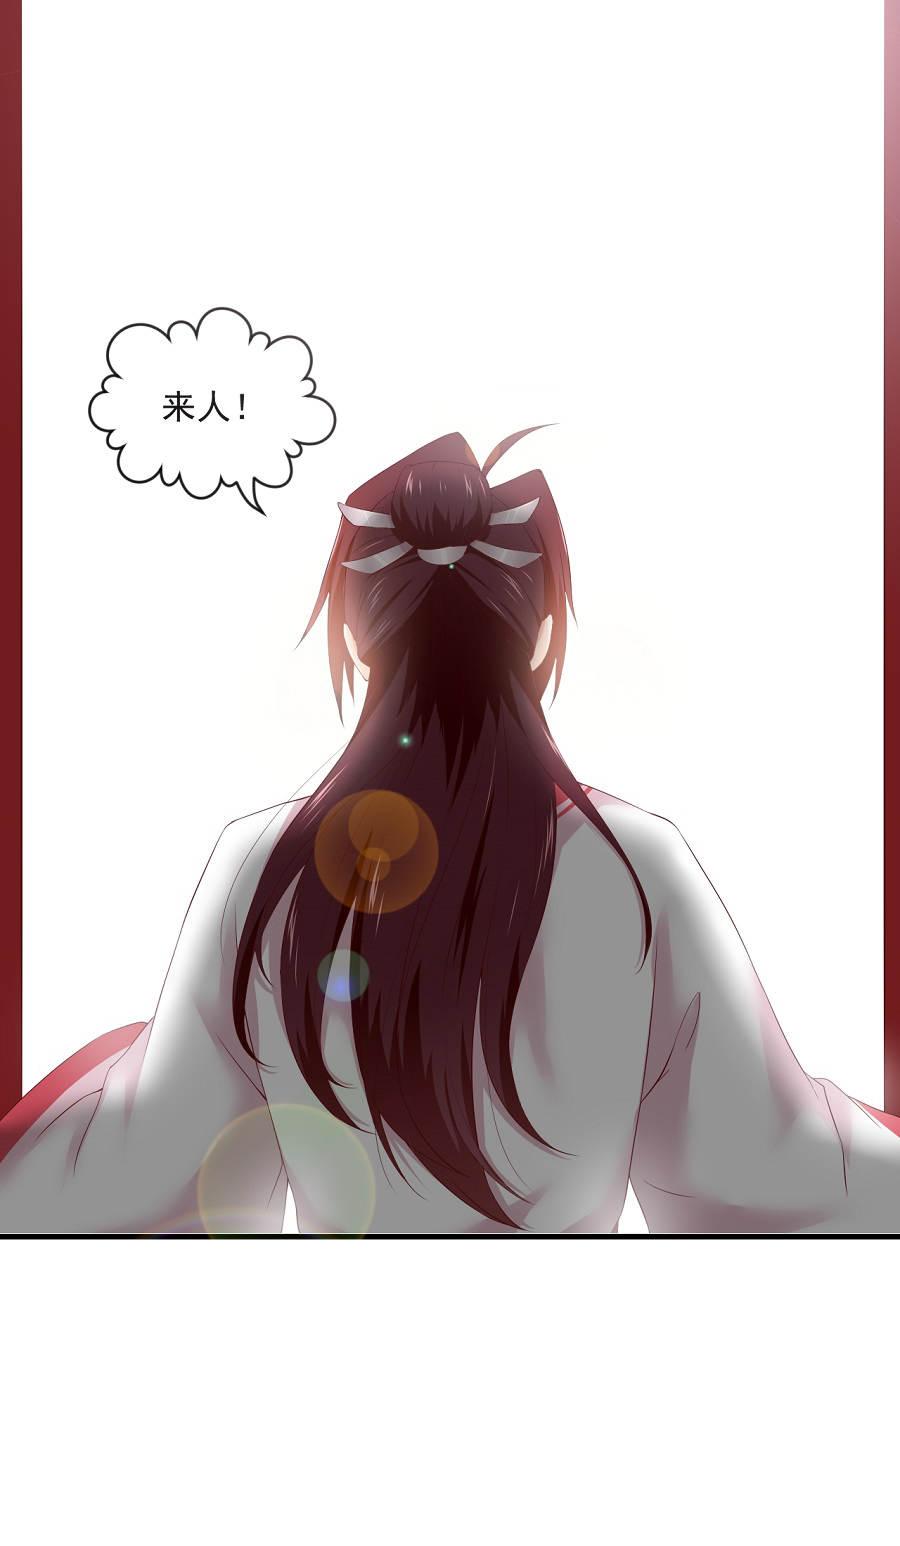 盛世帝王妃第62话  番外:面圣前一天的故事 第 8